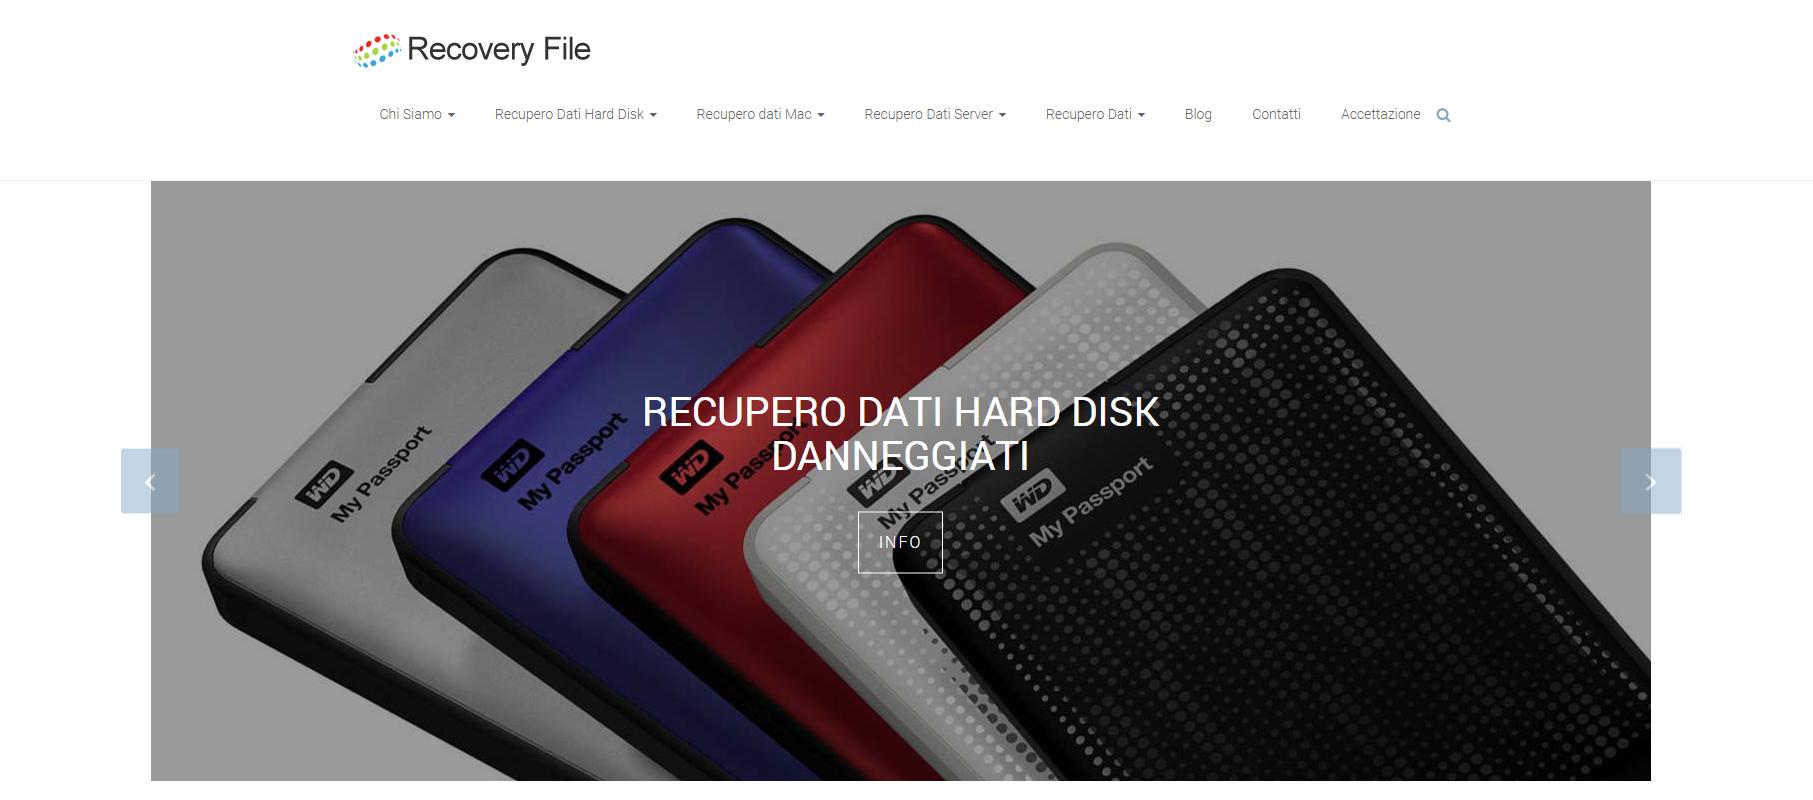 Recovery File - Centro Recupero Dati